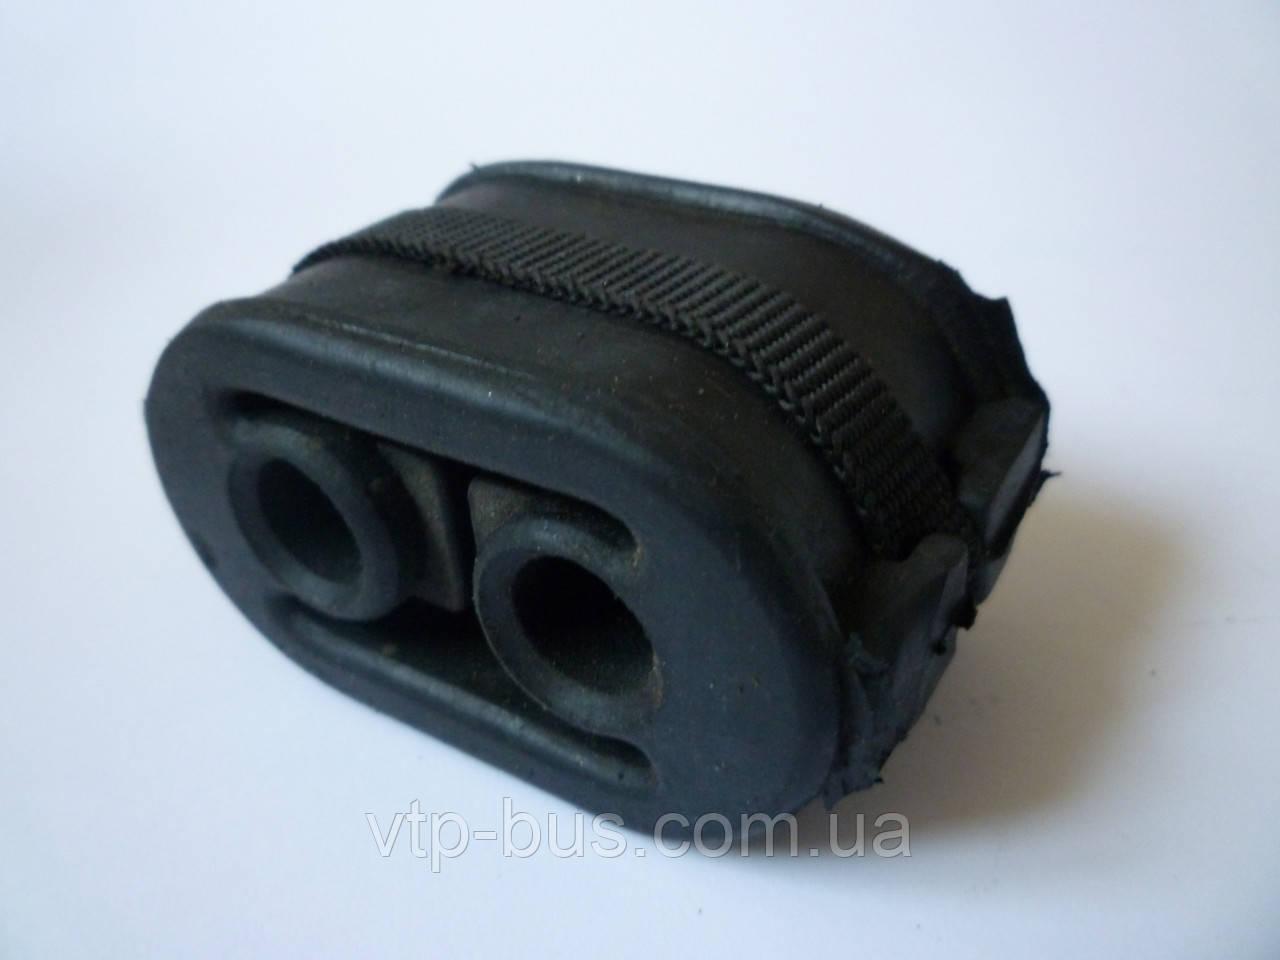 Крепление глушителя резиновое на Renault Trafic 1.9dCi/ 2.0dCi/ 2.5dCi с 2001...Metalcaucho (Испания), MC04474